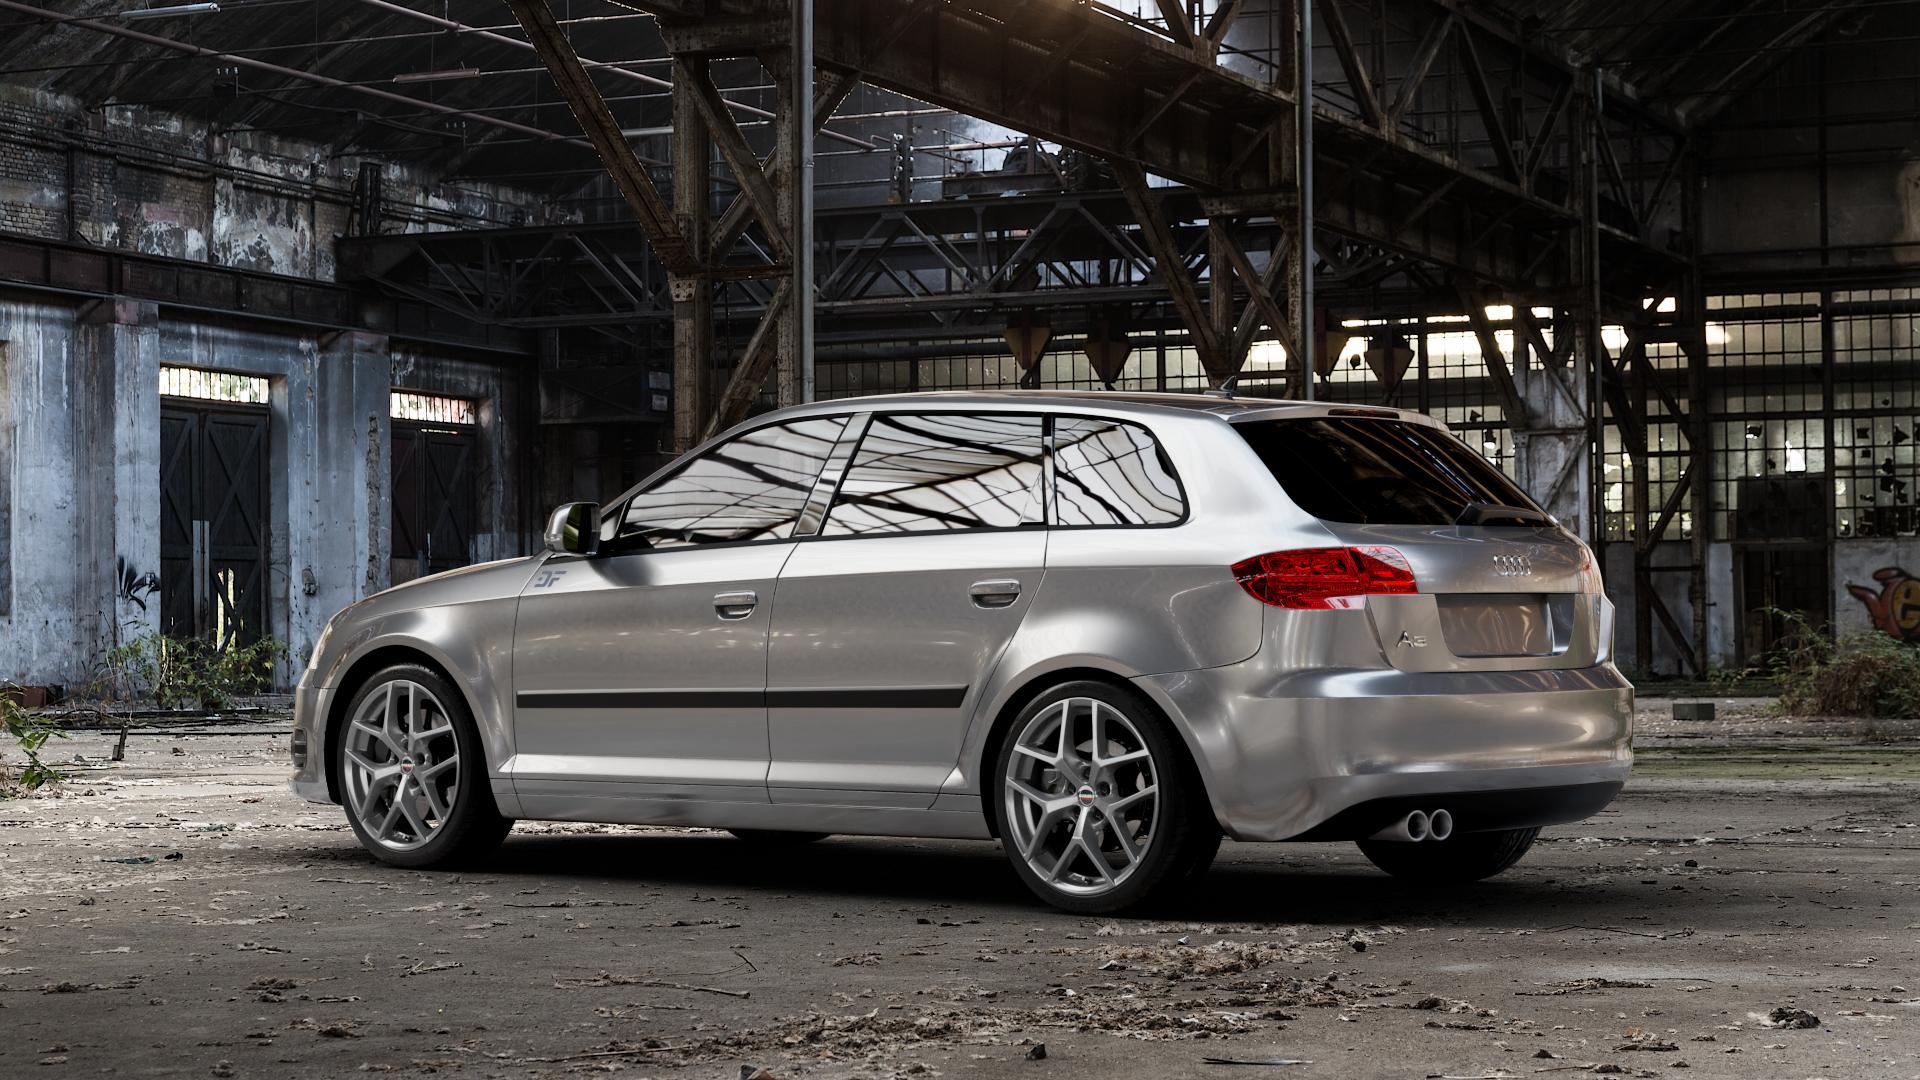 Borbet Y titan matt Felge mit Reifen grau in 18Zoll Winterfelge Alufelge auf silbernem Audi A3 Typ 8P (Sportback) 1,6l 75kW (102 PS) 2,0l FSI 110kW (150 1,9l TDI 77kW (105 103kW (140 TFSI 147kW (200 85kW (116 100kW (136 1,8l 118kW (160 125kW (170 1,4l 92kW (125 120kW (163 quattro 3,2l V6 184kW (250 S3 195kW (265 1,2l 66kW (90